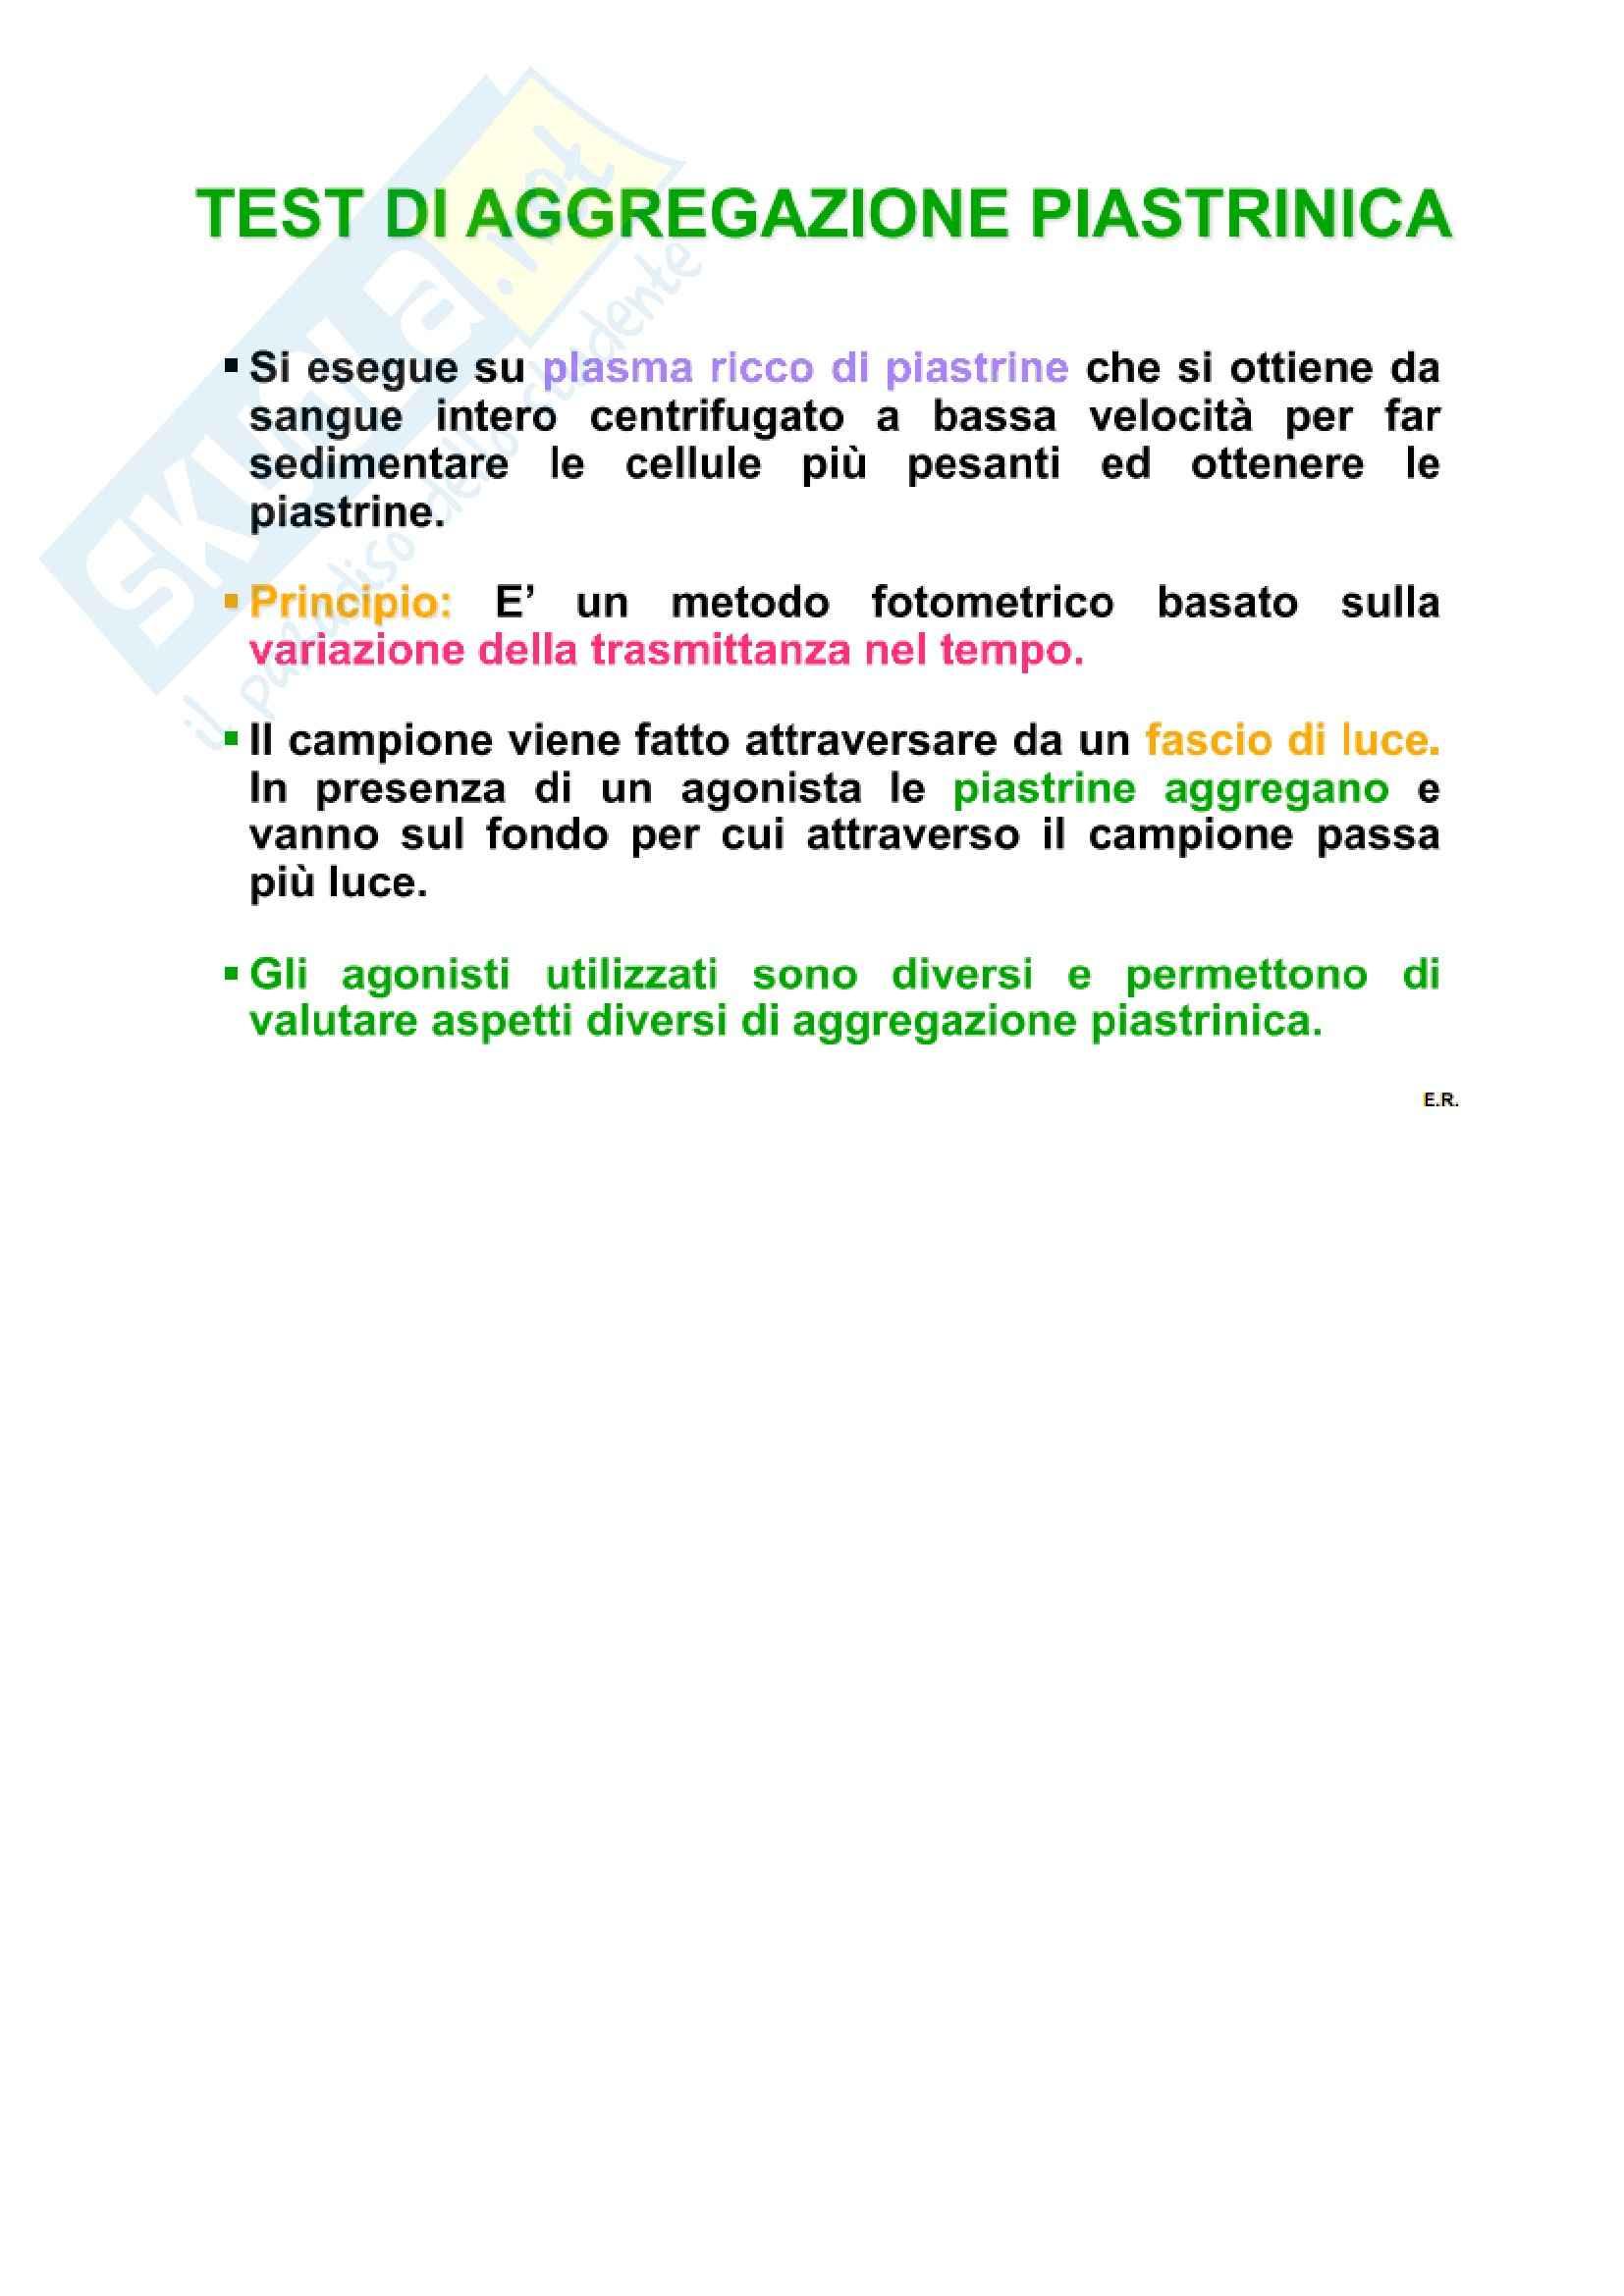 Patologia clinica - l'aggregazione piastrinica